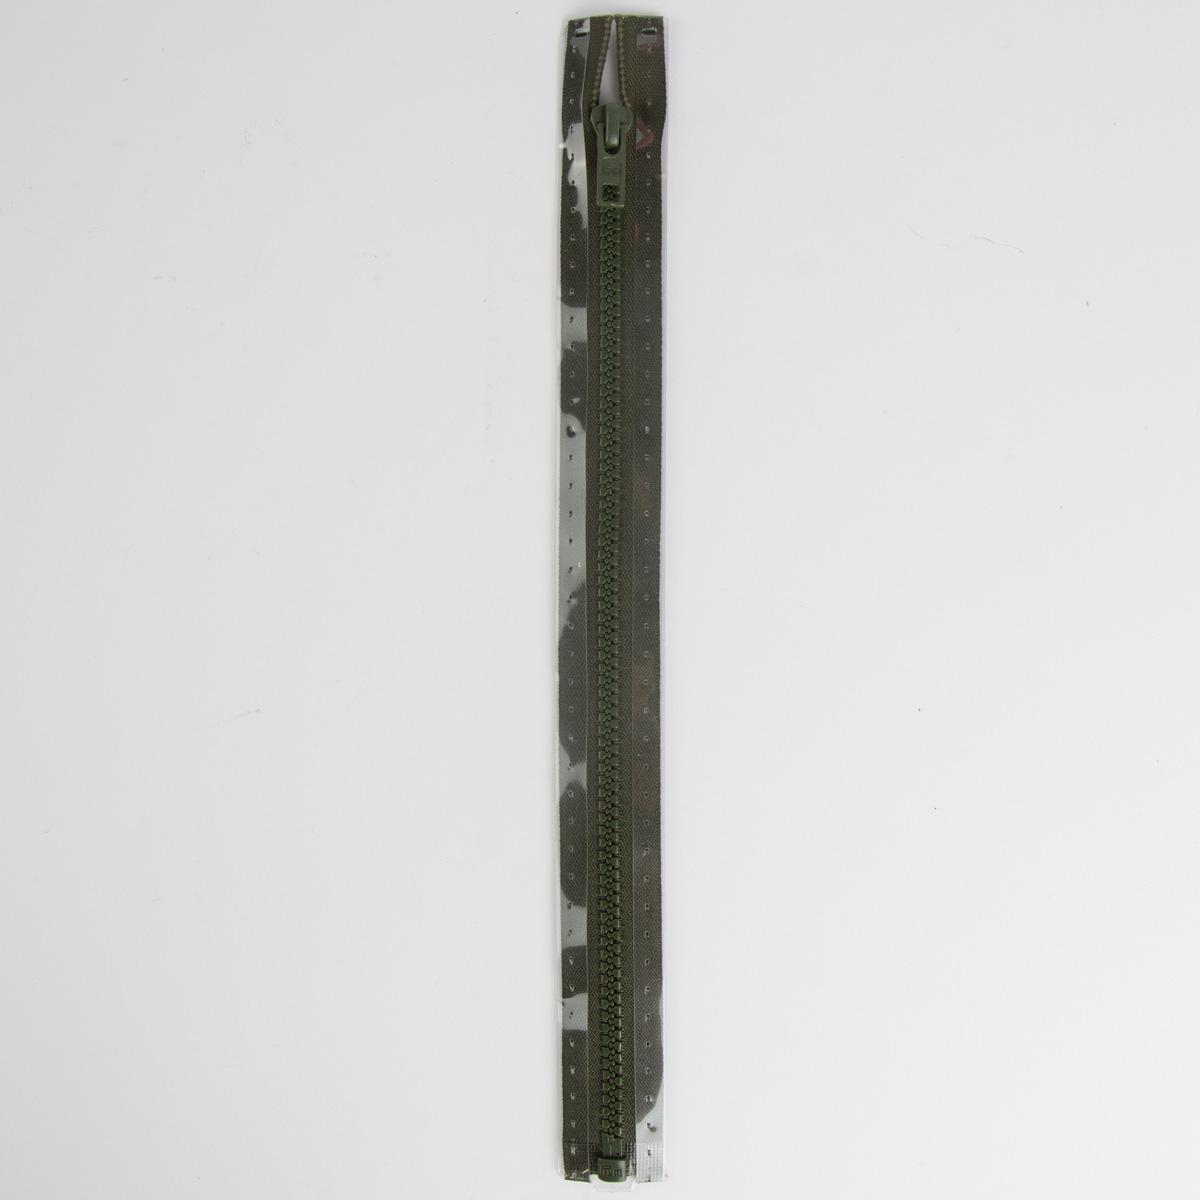 Reißverschluss S4 Profil tb 30 cm Fla br-oliv